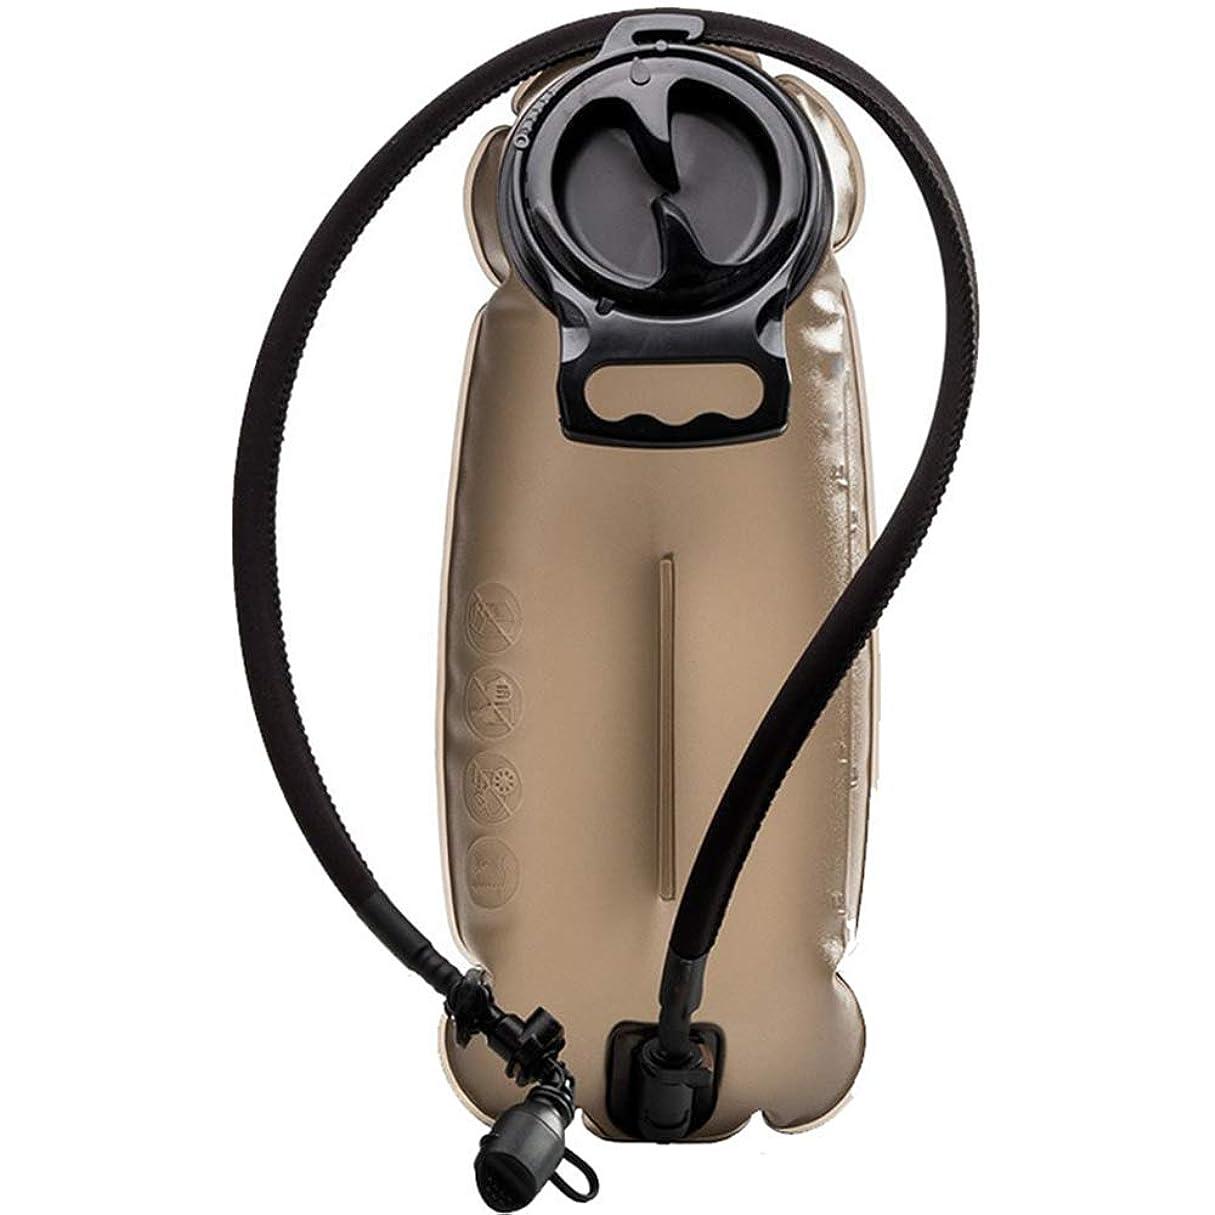 クランプセラフピストン3Lハイドレーションブラダーバックパックウォーターバッグアウトドアウォーターリザーバーブラダーアウトドアハイキングサイクリングキャンプクライミングウォータータンク環境に優しい無臭